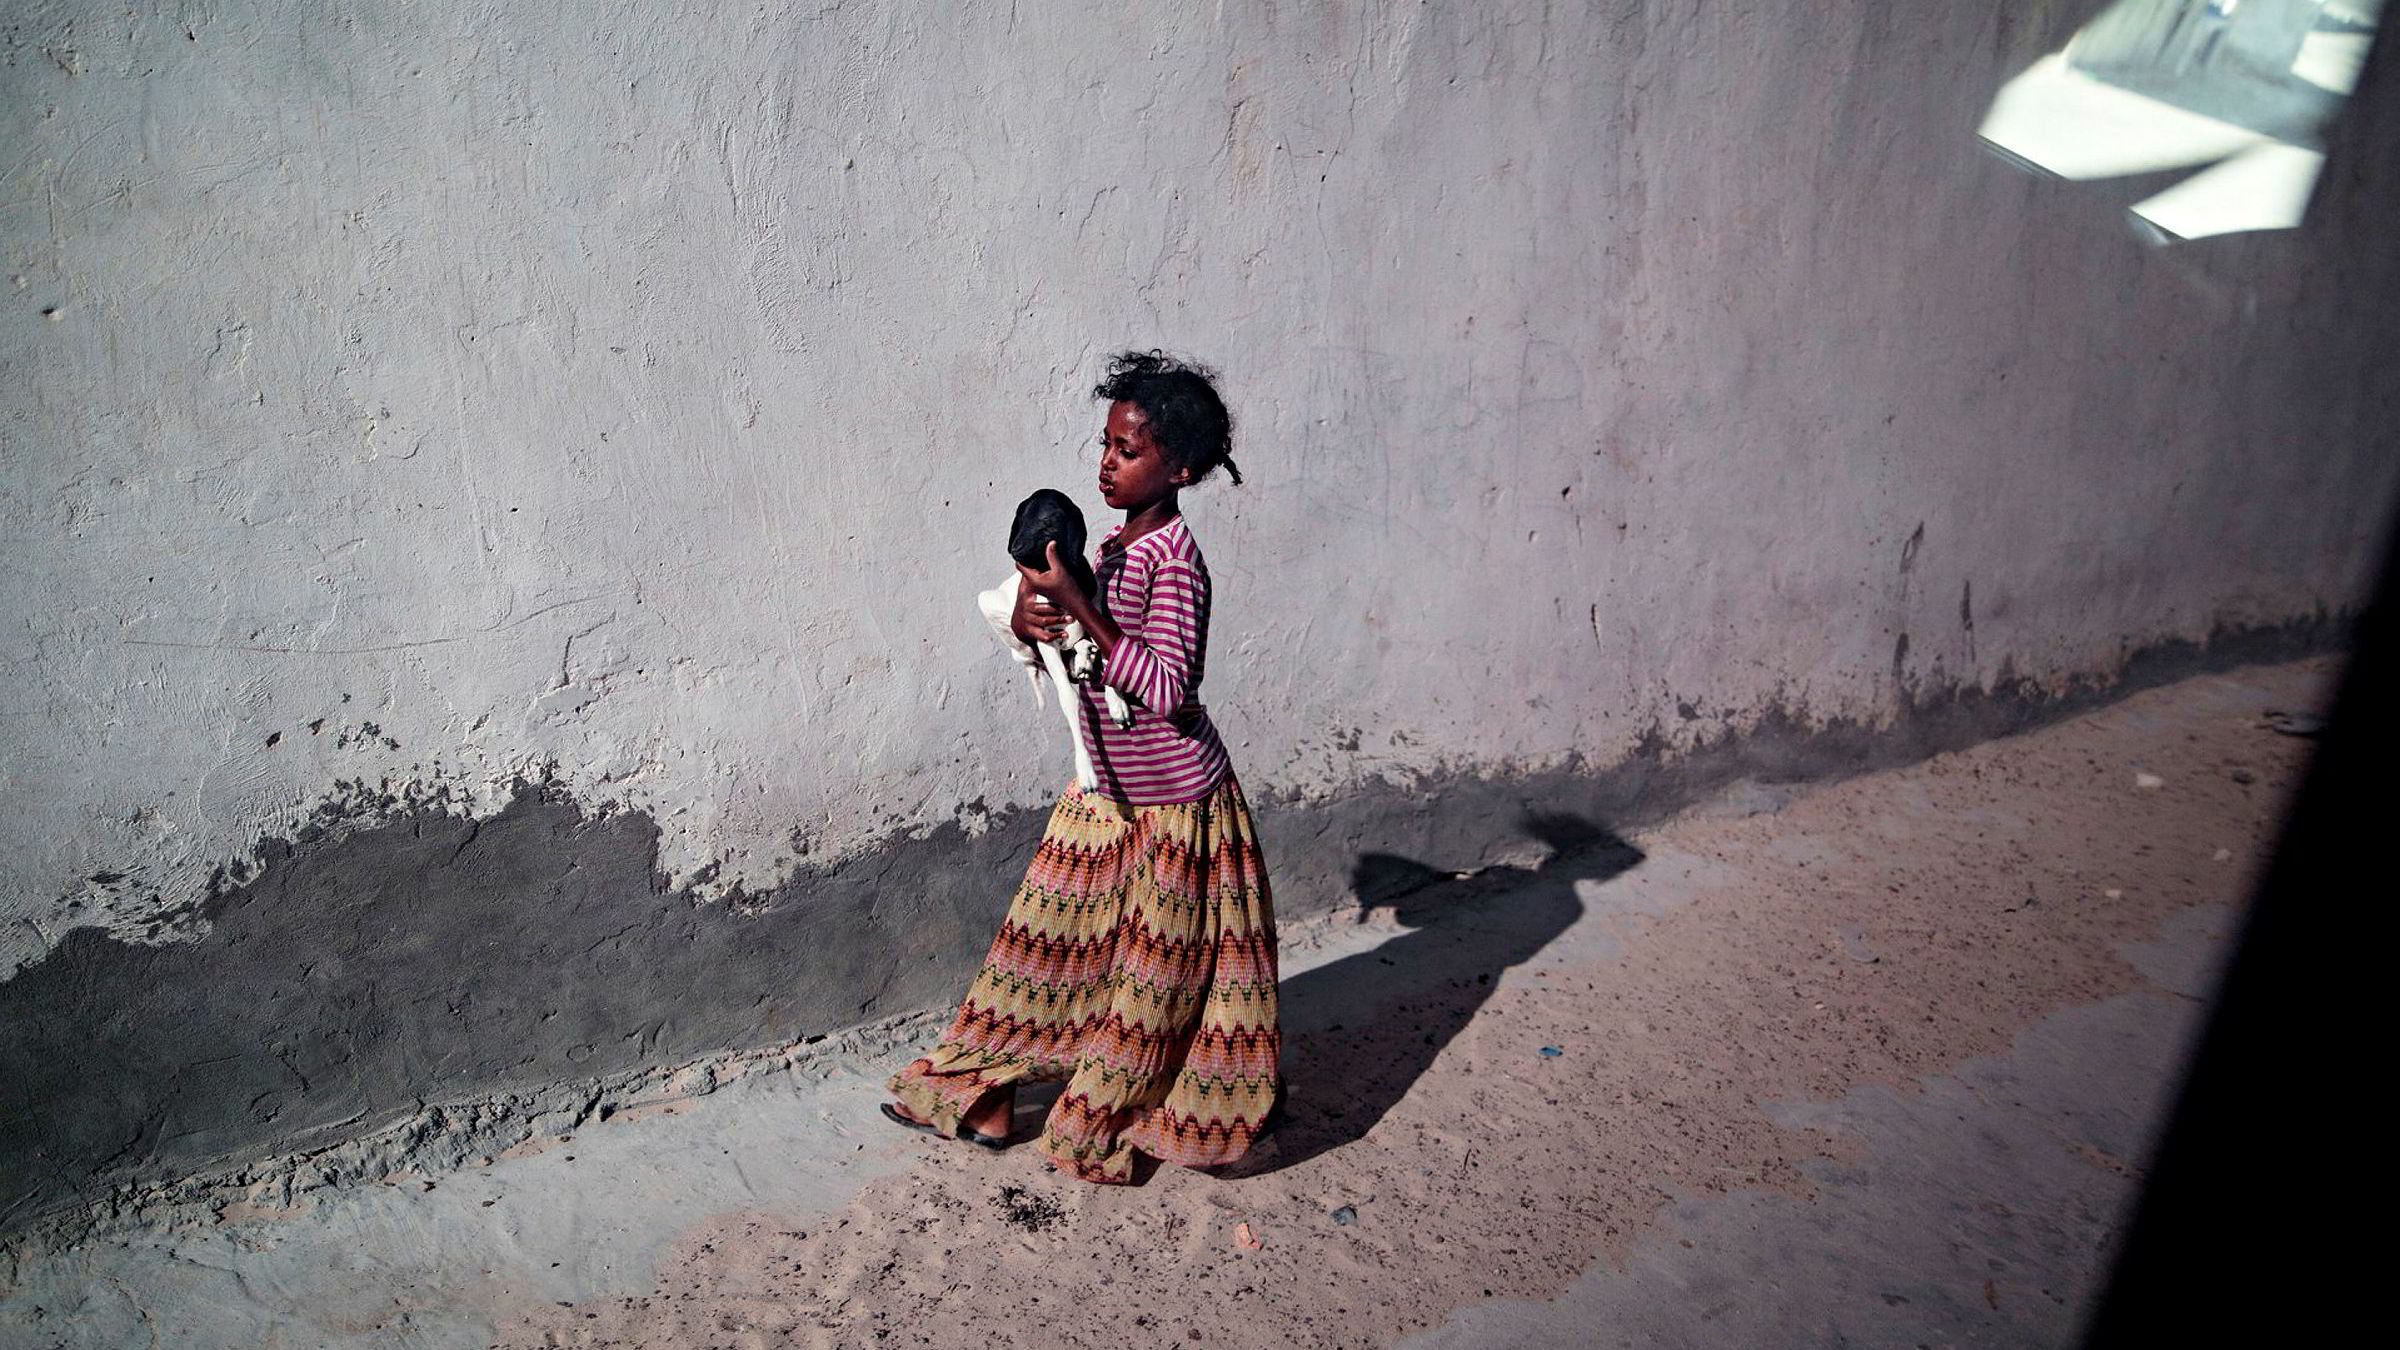 Somalia er nå inne i sitt tredje år med tørke. 80 prosent av husdyrene er døde, millioner av mennesker er rammet, skriver forfatteren.